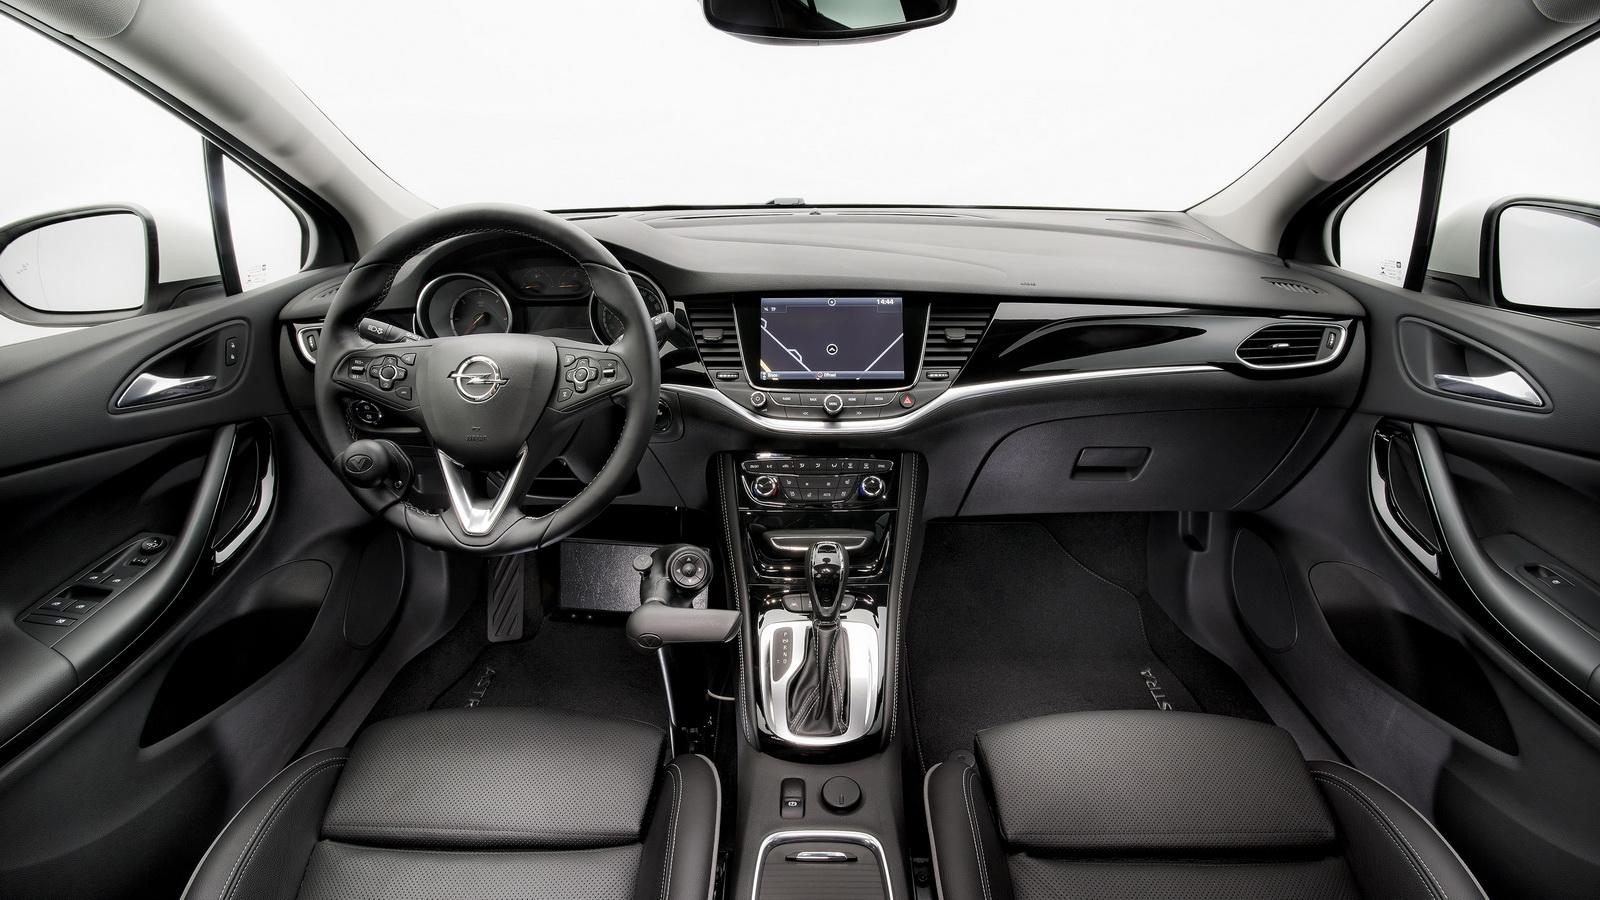 Opel_Astra_Veigel_Commander_05